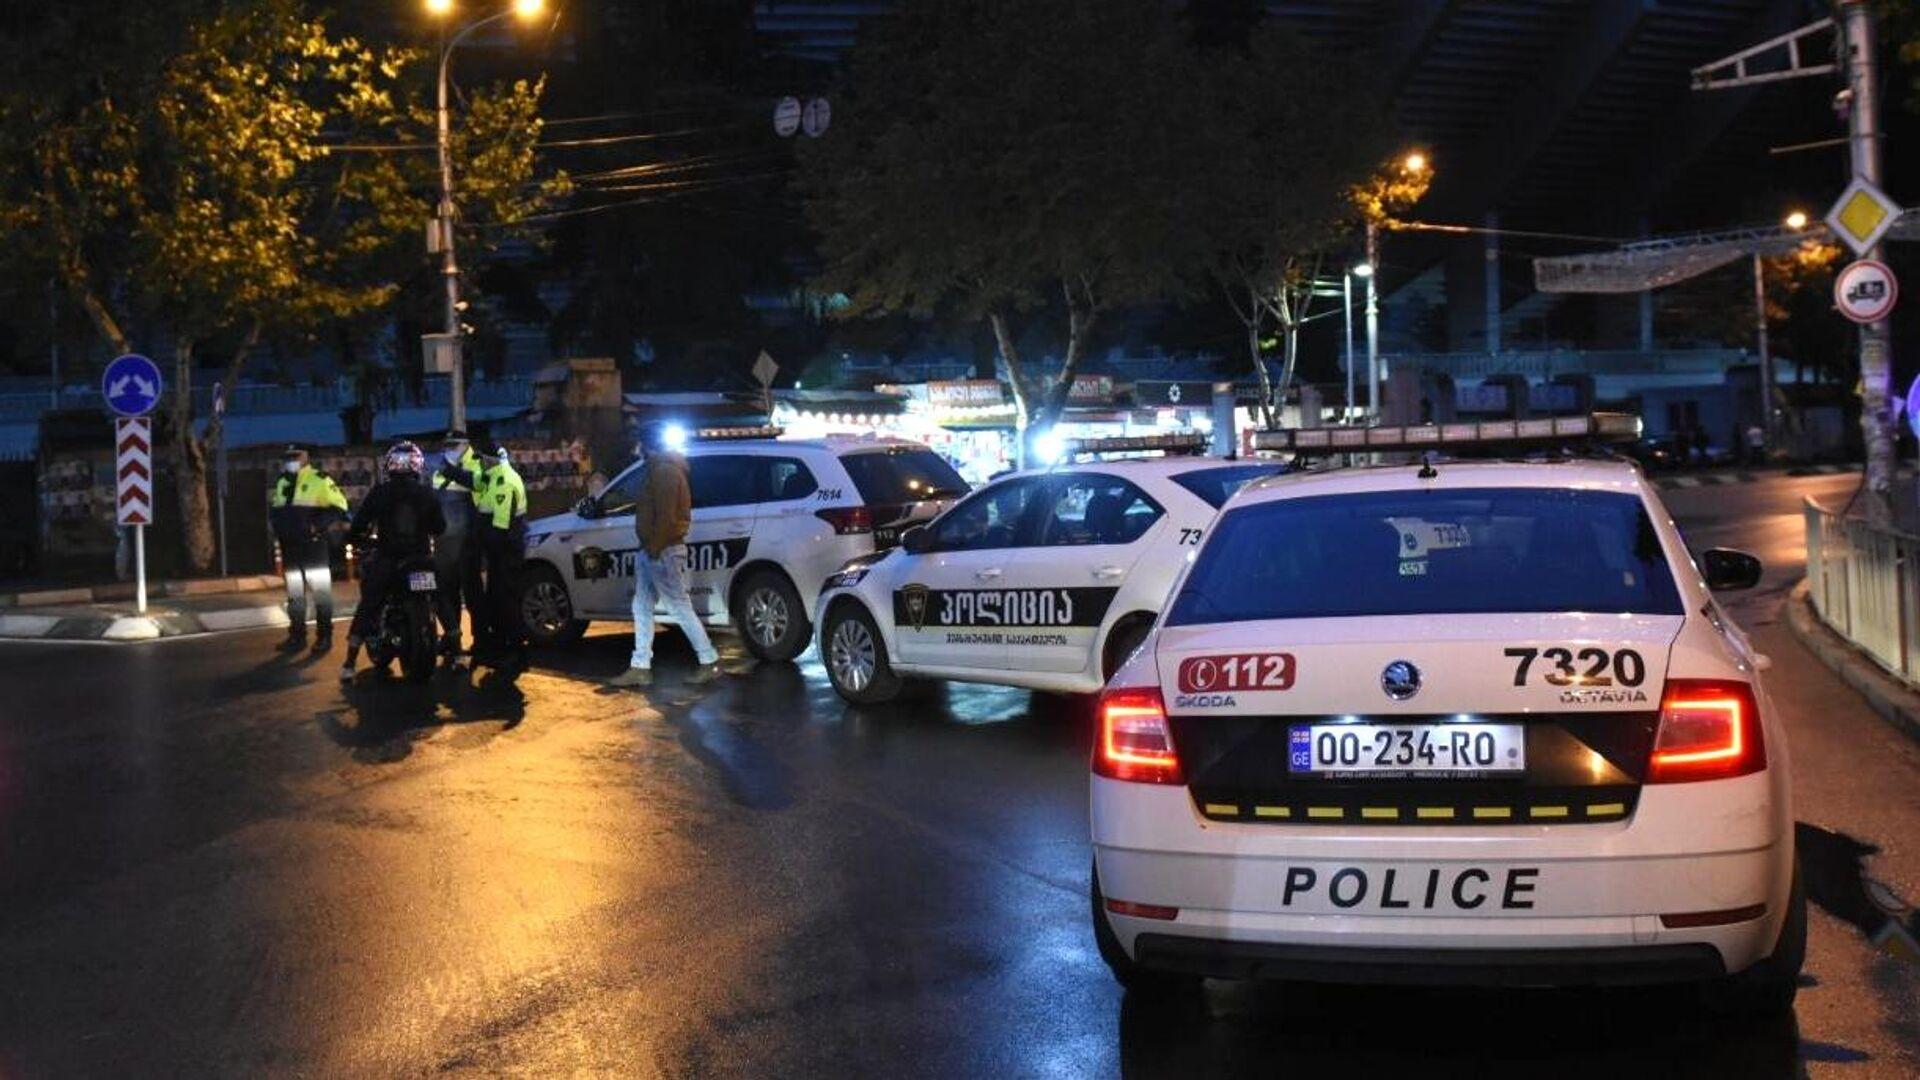 Сотрудники полиции на проспекте Церетели в Тбилиси, где вооруженный мужчина, который ворвался в офис микрофинансовой организации, удерживает в заложниках девять человек - РИА Новости, 1920, 23.02.2021